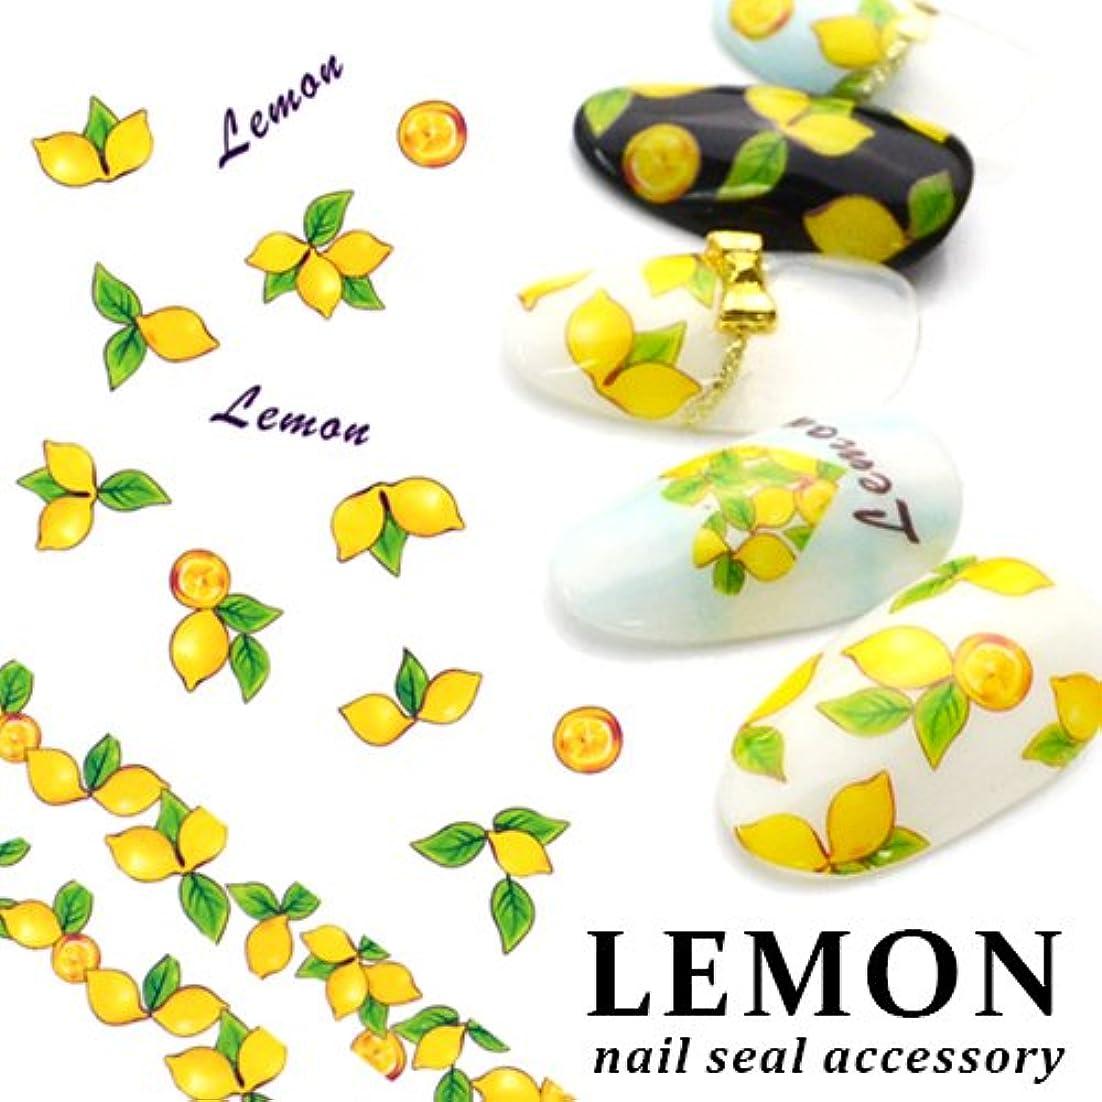 適切に私前方へ夏派手ネイルを楽しく簡単に!レモン柄 フルーツ ネイルシール [DS-214] ウォーターネイルシール サマーネイルアート ジェルネイル